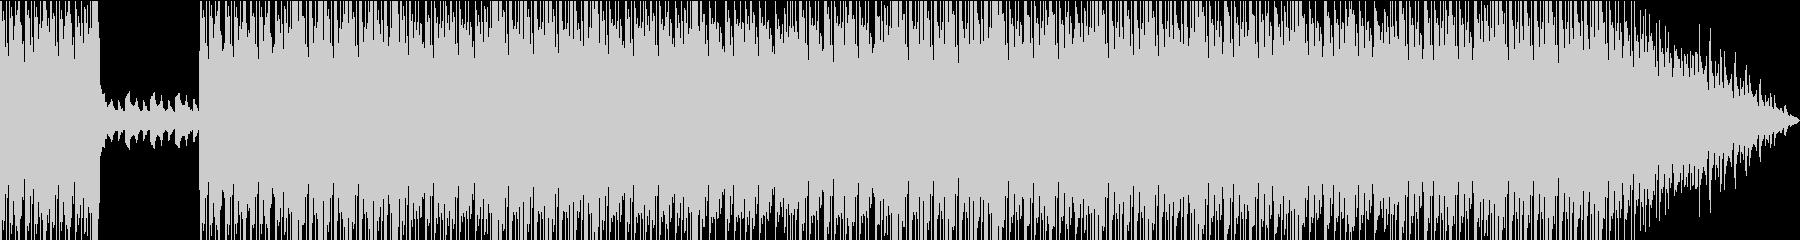 ピアノ、フリースタイルビートの未再生の波形